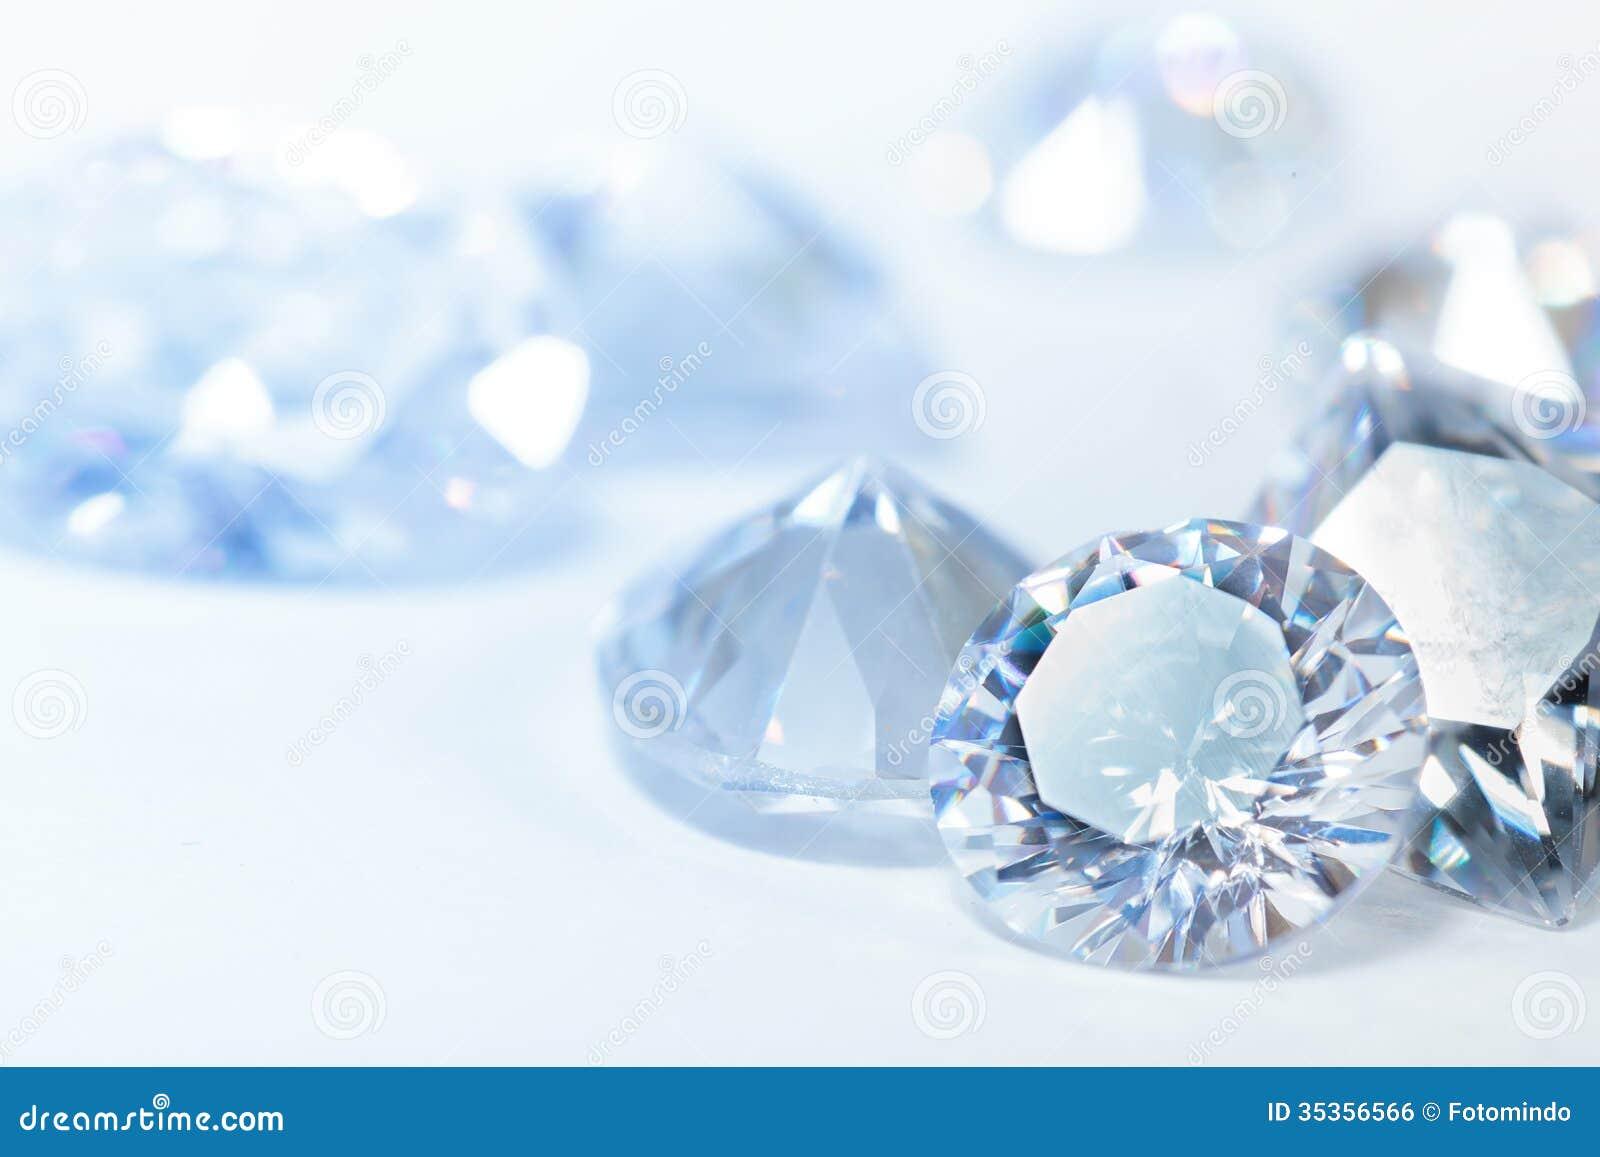 white diamond background - photo #16